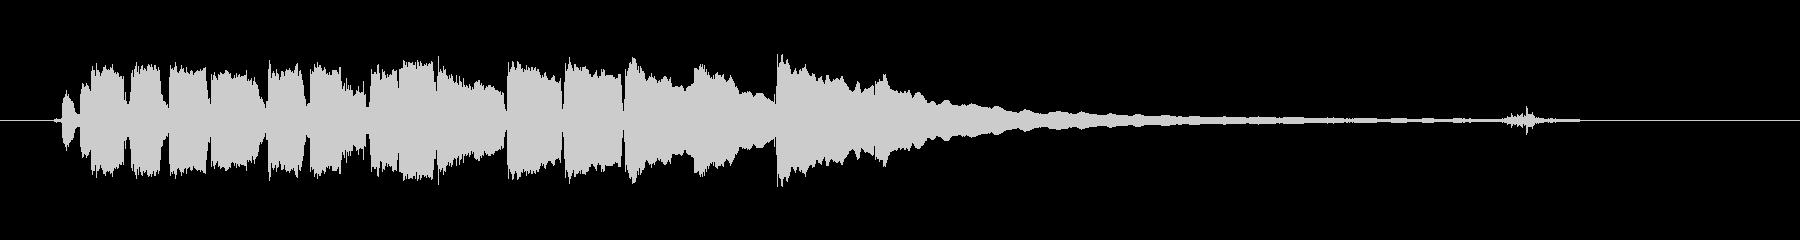 ブルースギター-ショートソロ5の未再生の波形